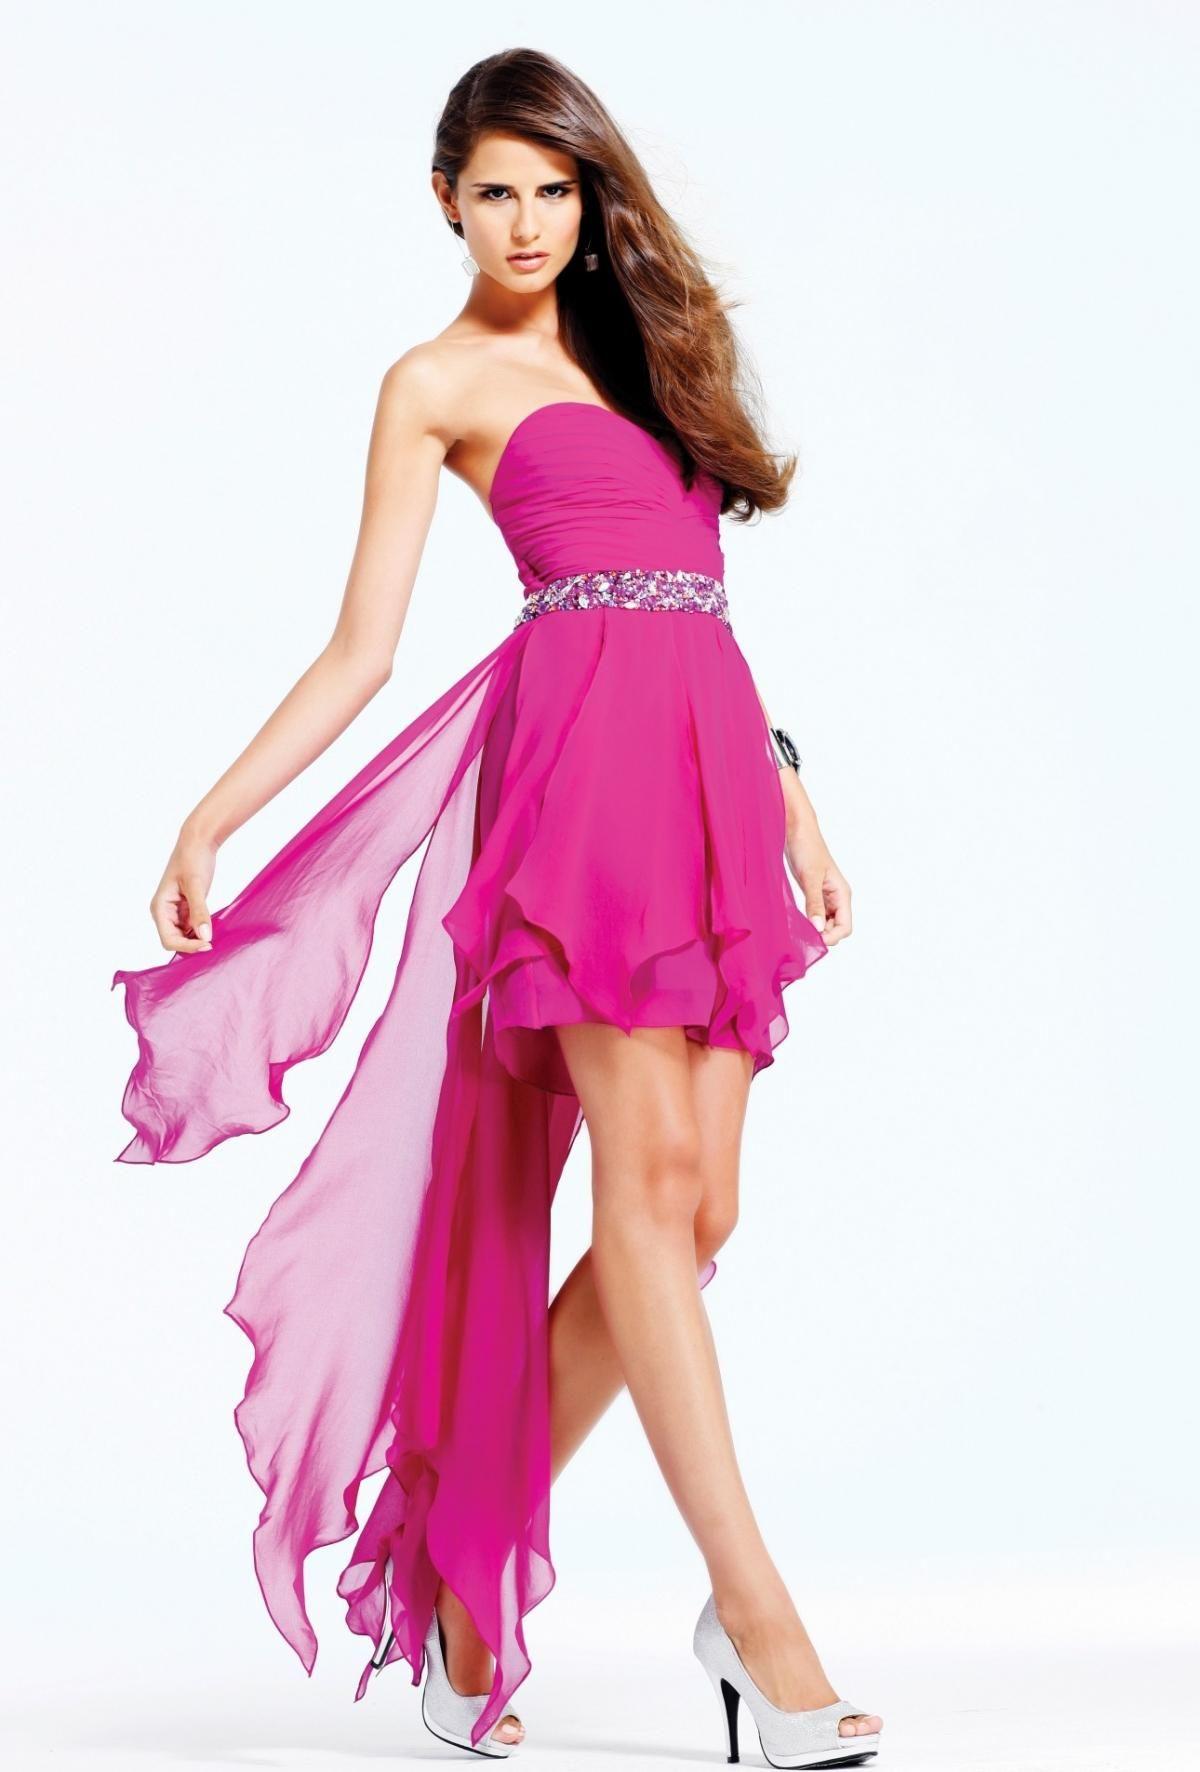 Pin de Daniela MM en 15 años | Pinterest | Fotos vestidos, 15 años y ...